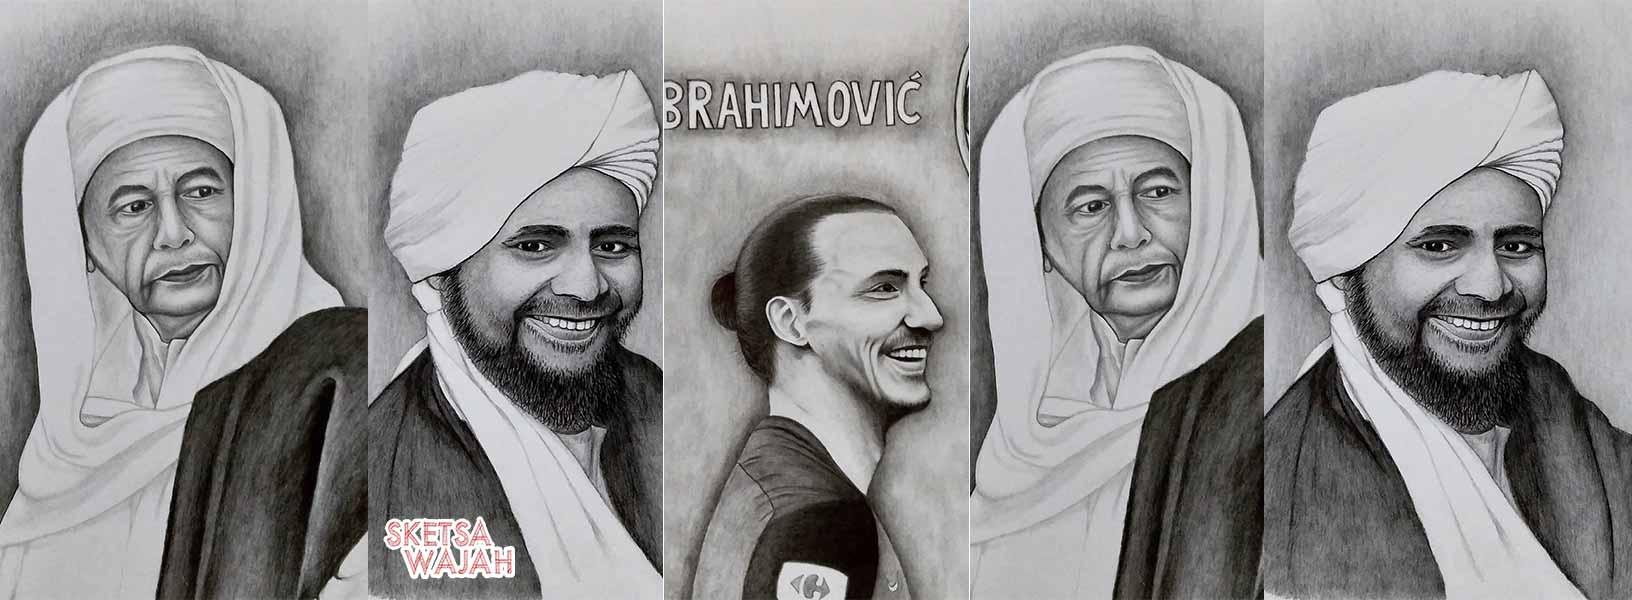 Karya Achmad Sketch sketcher Sketsa Wajah